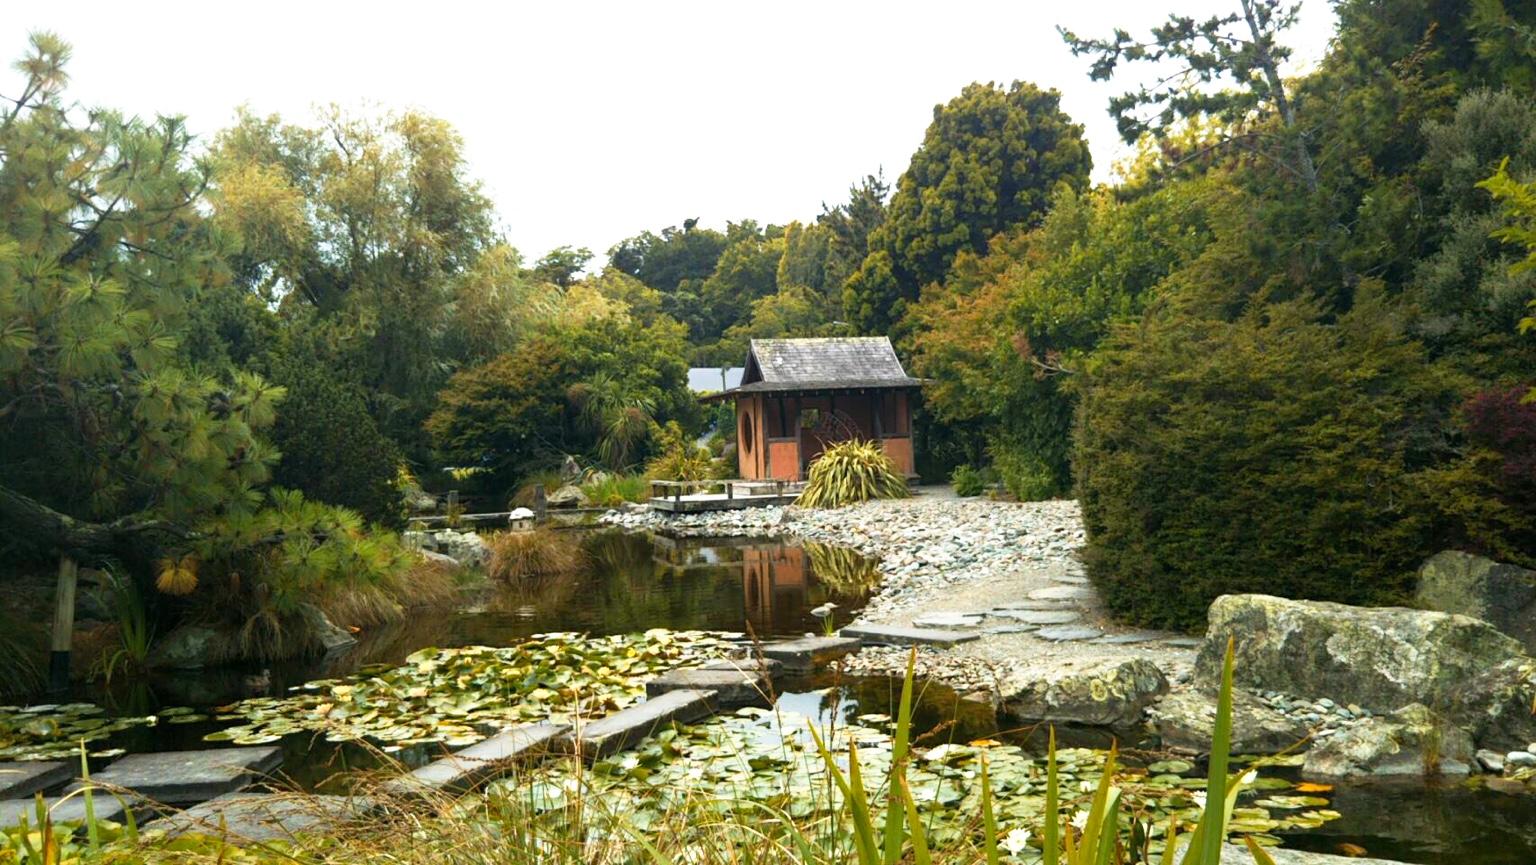 ネルソンをめぐる!「ミヤズ日本庭園」や「センター・オブ・ニュージーランド」